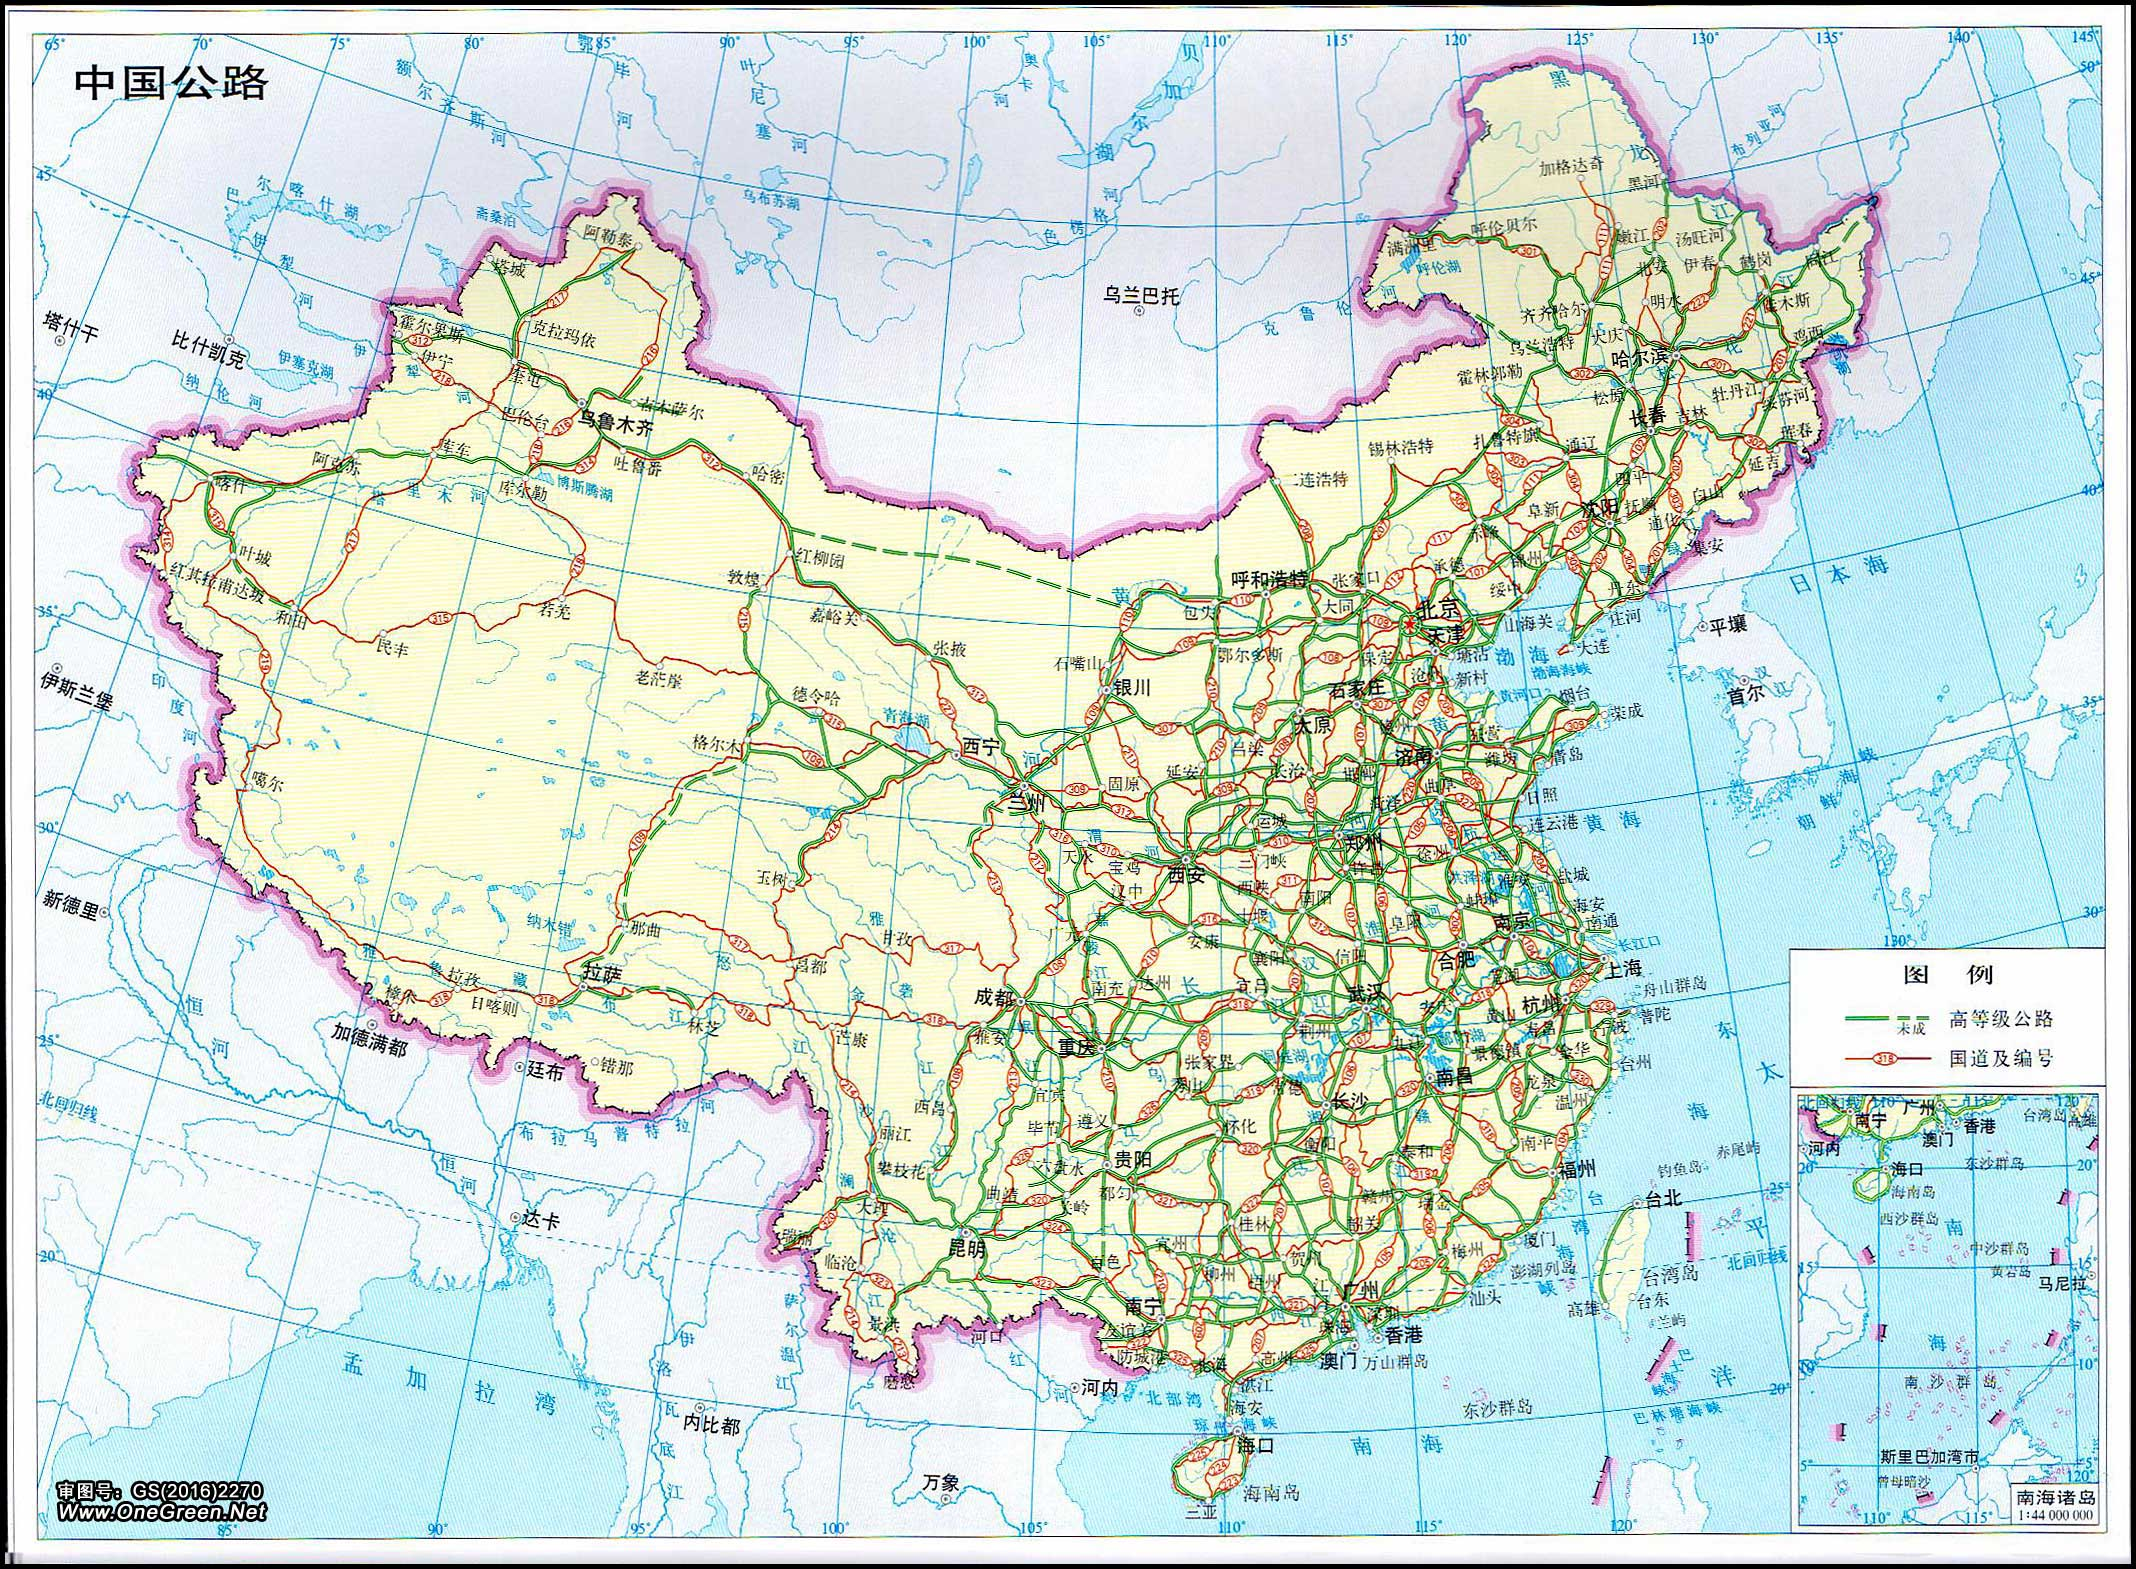 中国公路交通地图高清版_中国地图地图库_地图窝图片